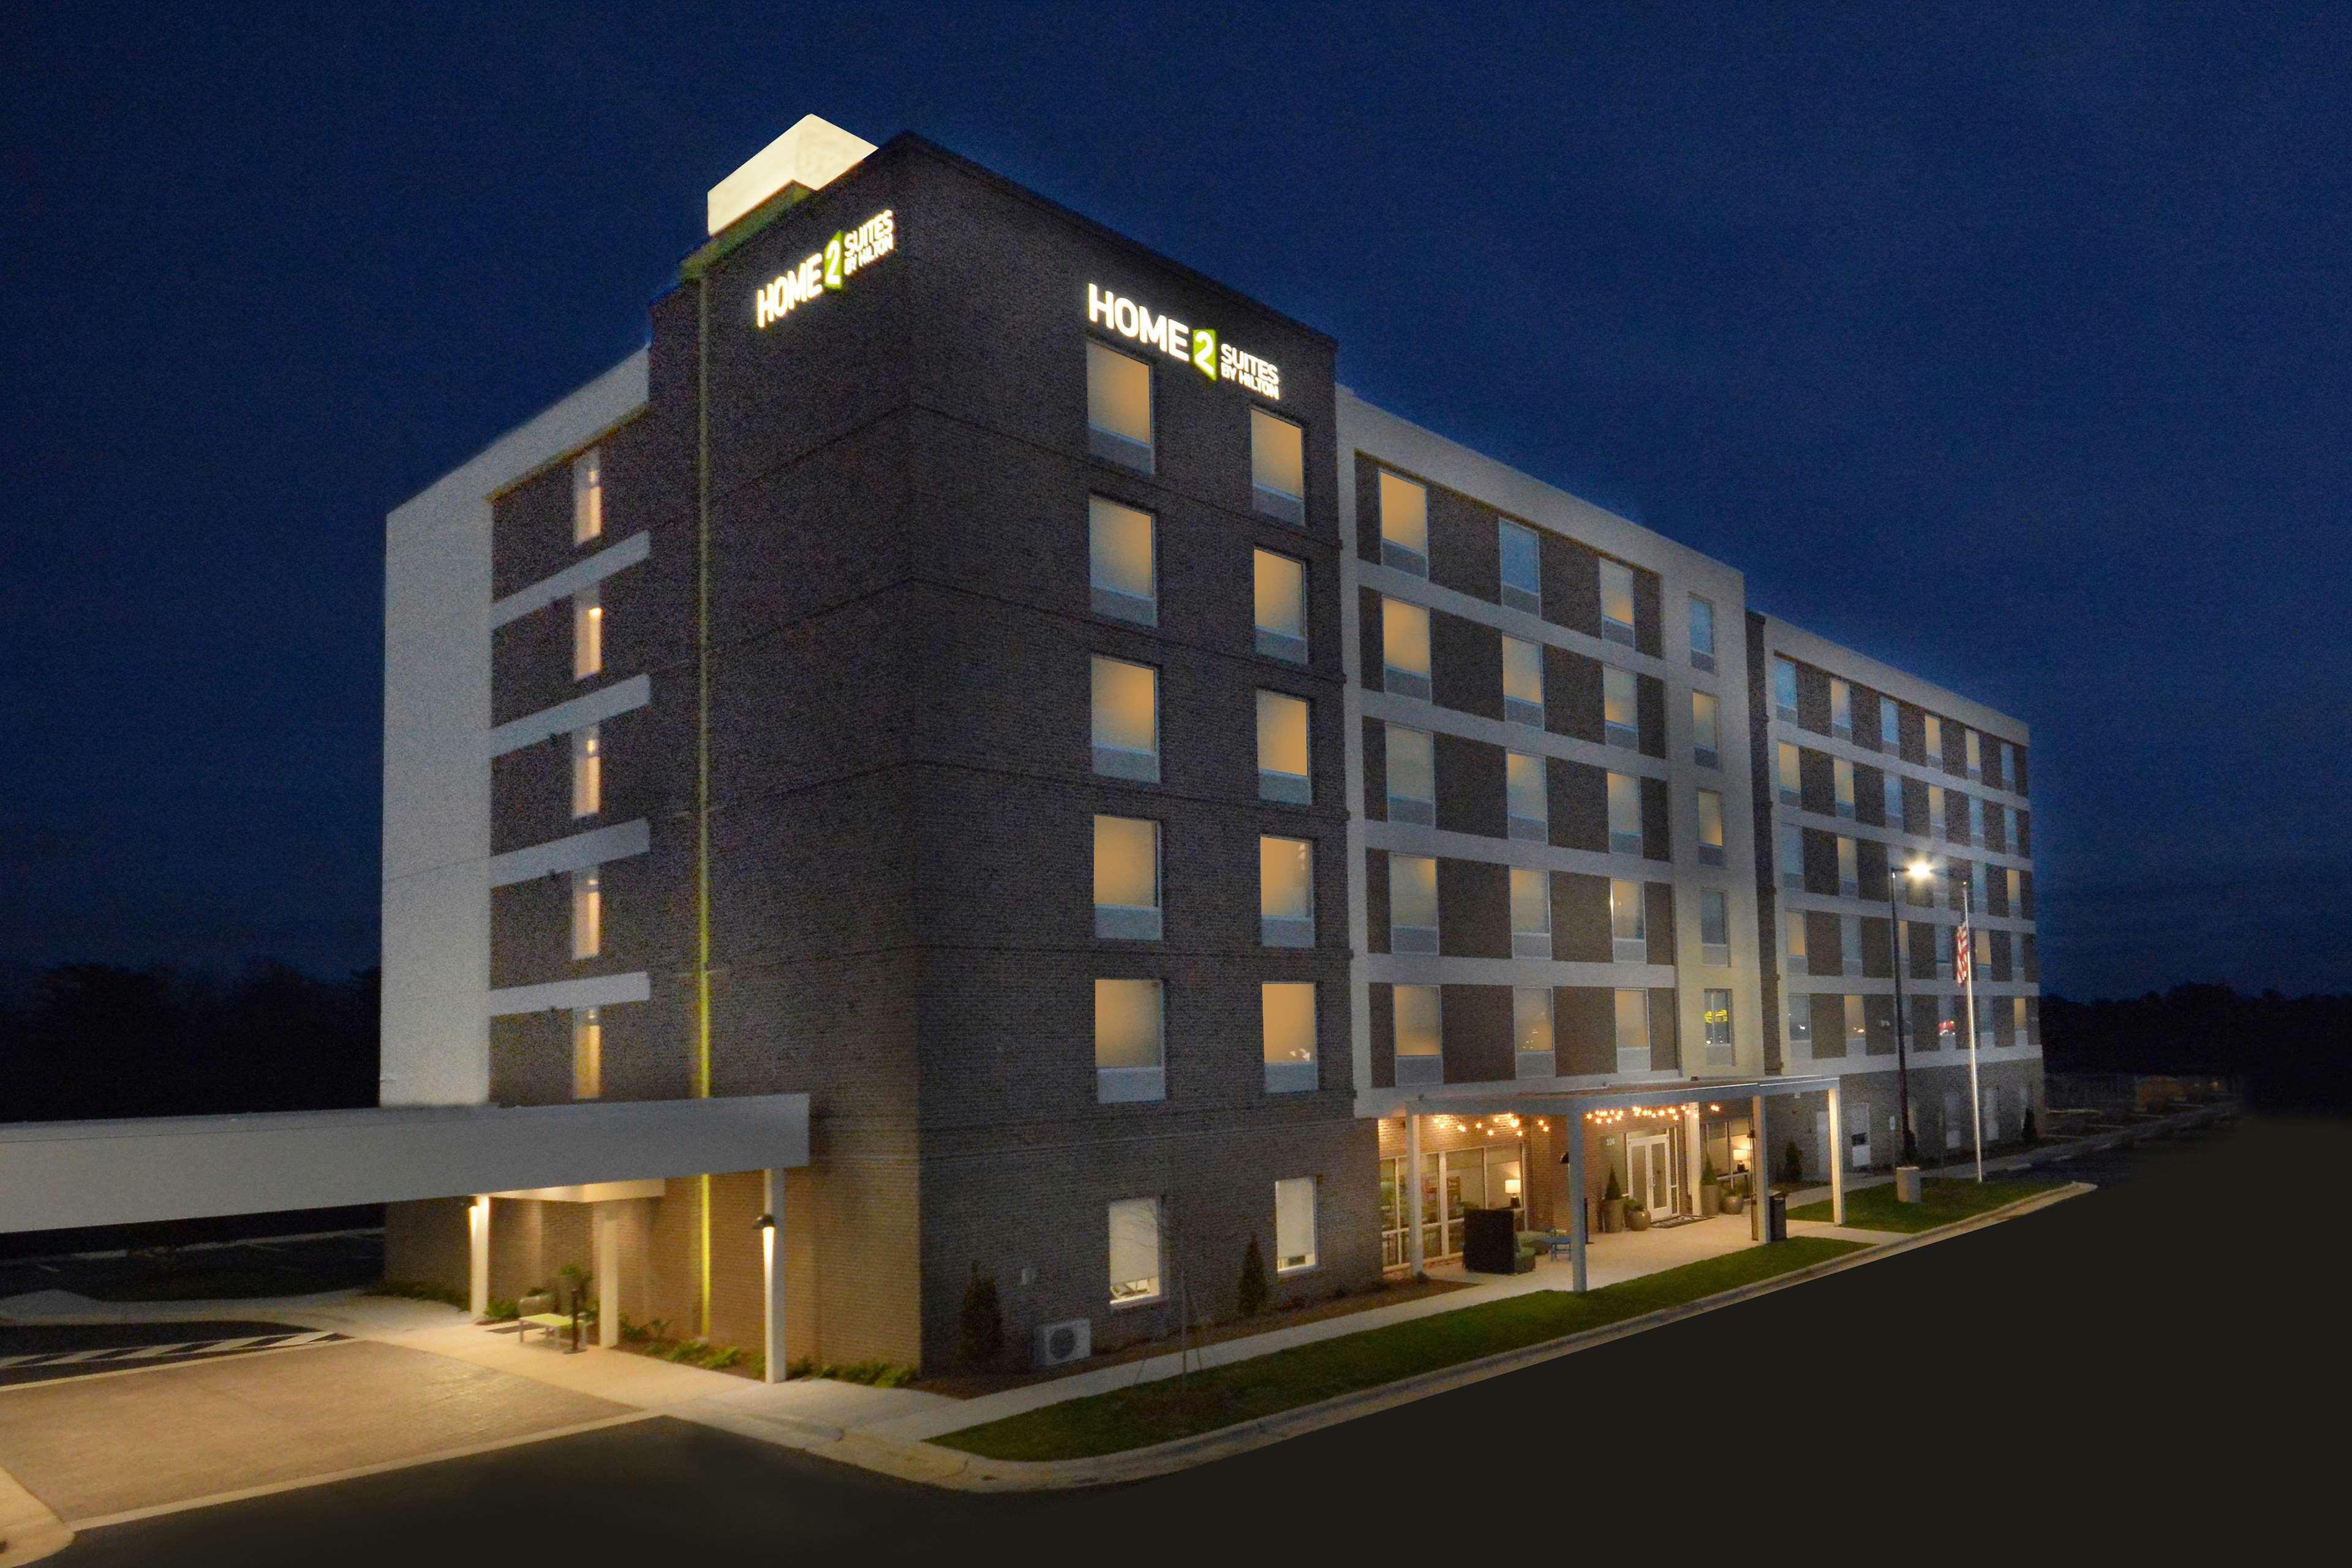 Home2 Suites by Hilton Duncan image 24